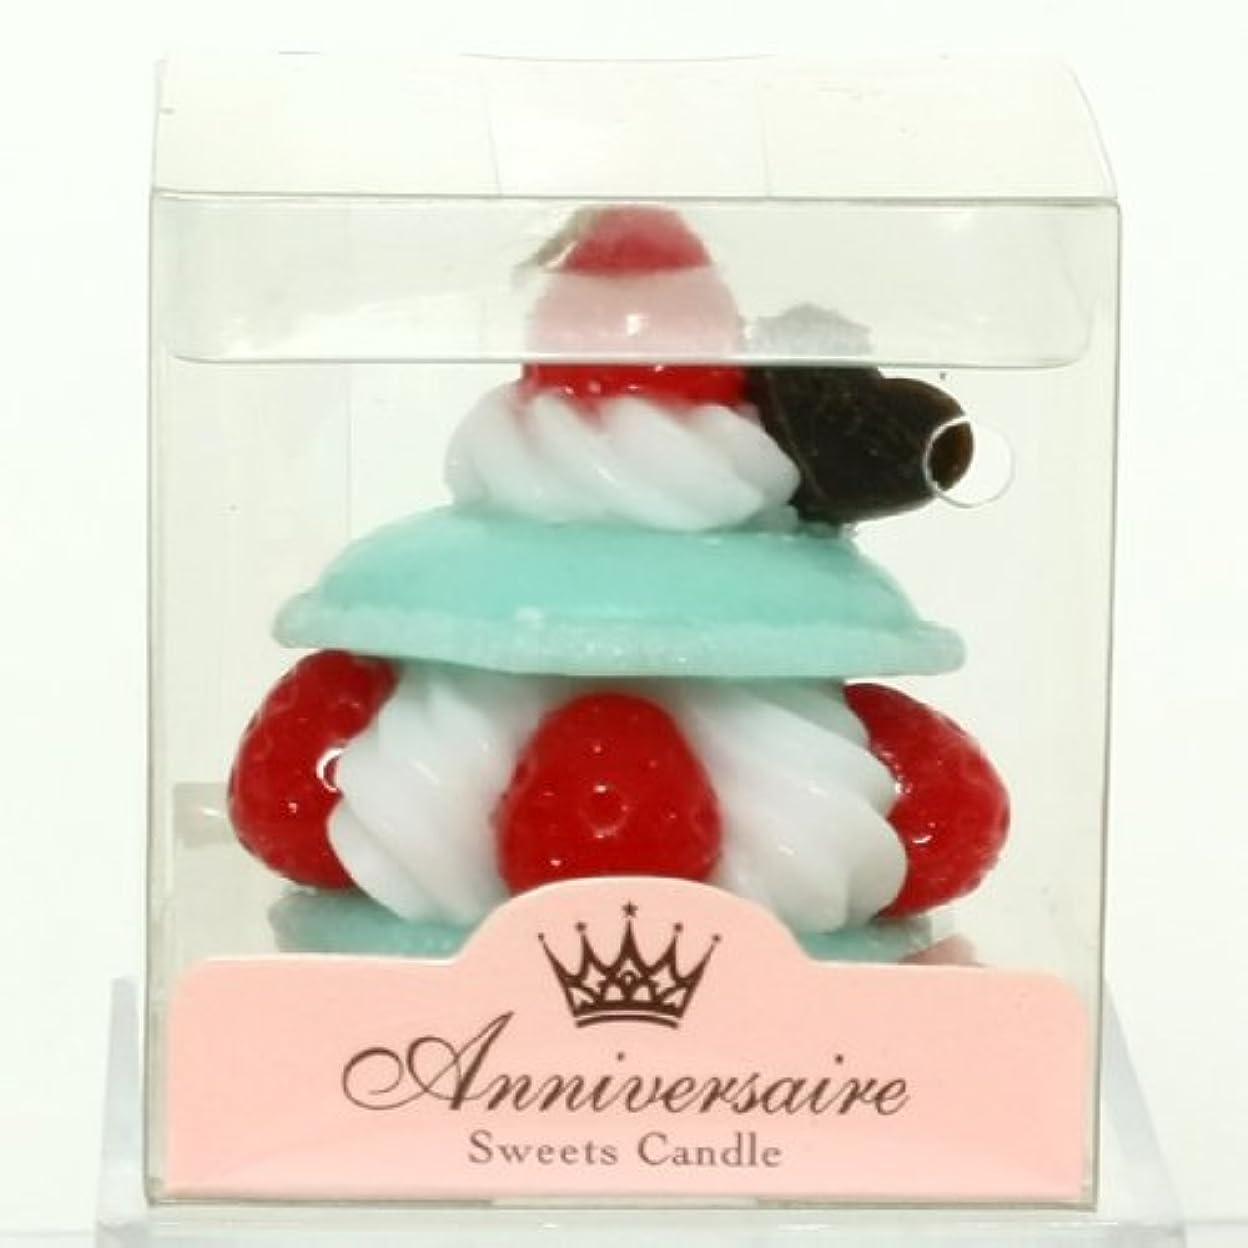 見てラショナル合唱団sweets candle(スイーツキャンドル) マカロンケーキキャンドル【ミント】(ba6580500mt)